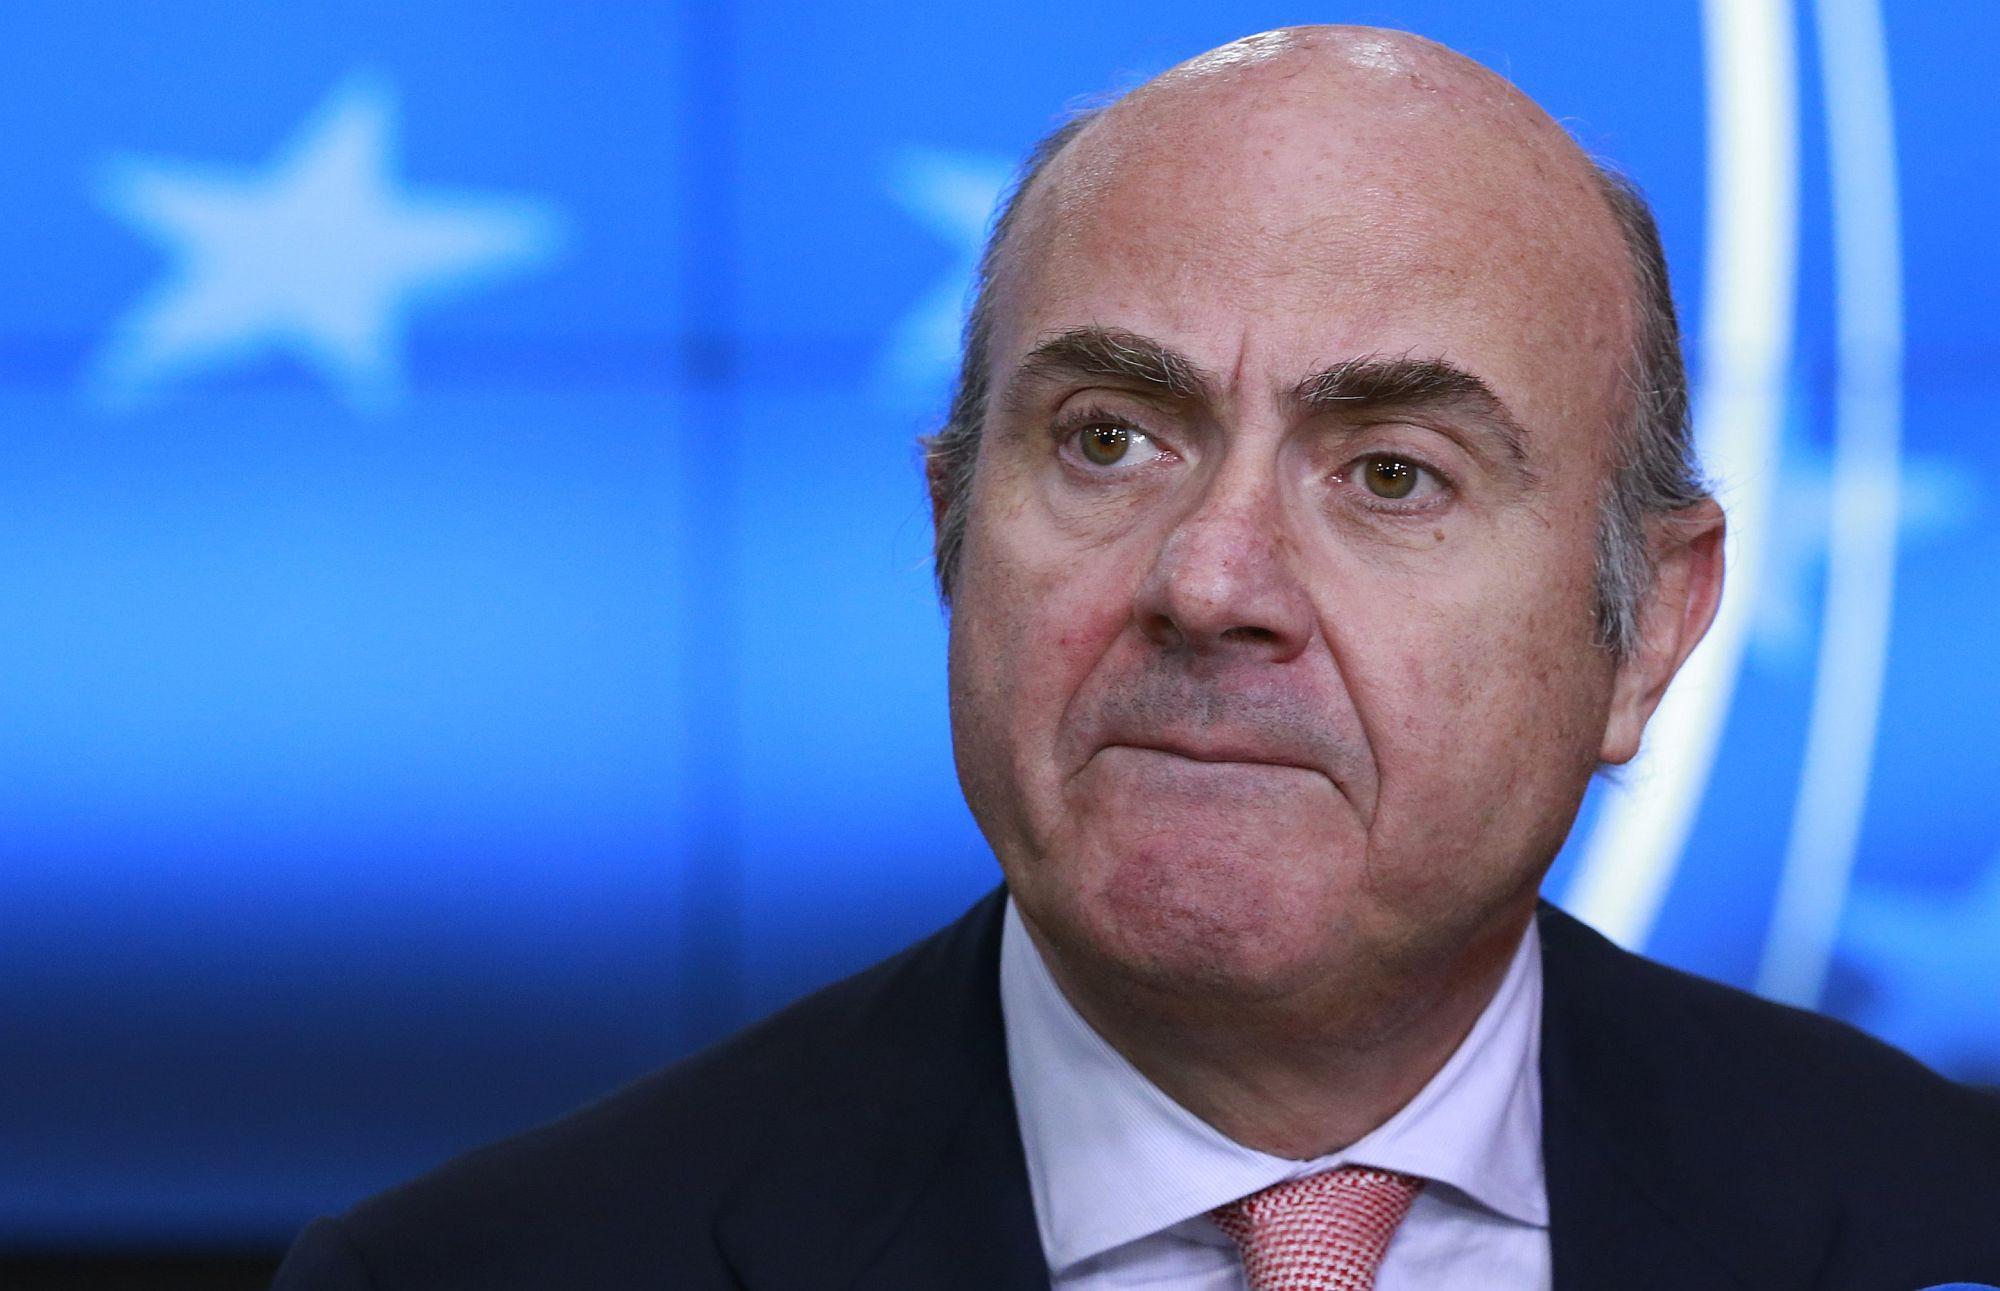 A spanyol pénzügyminiszter, Luis de Guindos egy sajtótájékoztatón Brüsszelben, Belgiumban, 218. február 19-én. EPA/OLIVIER HOSLET